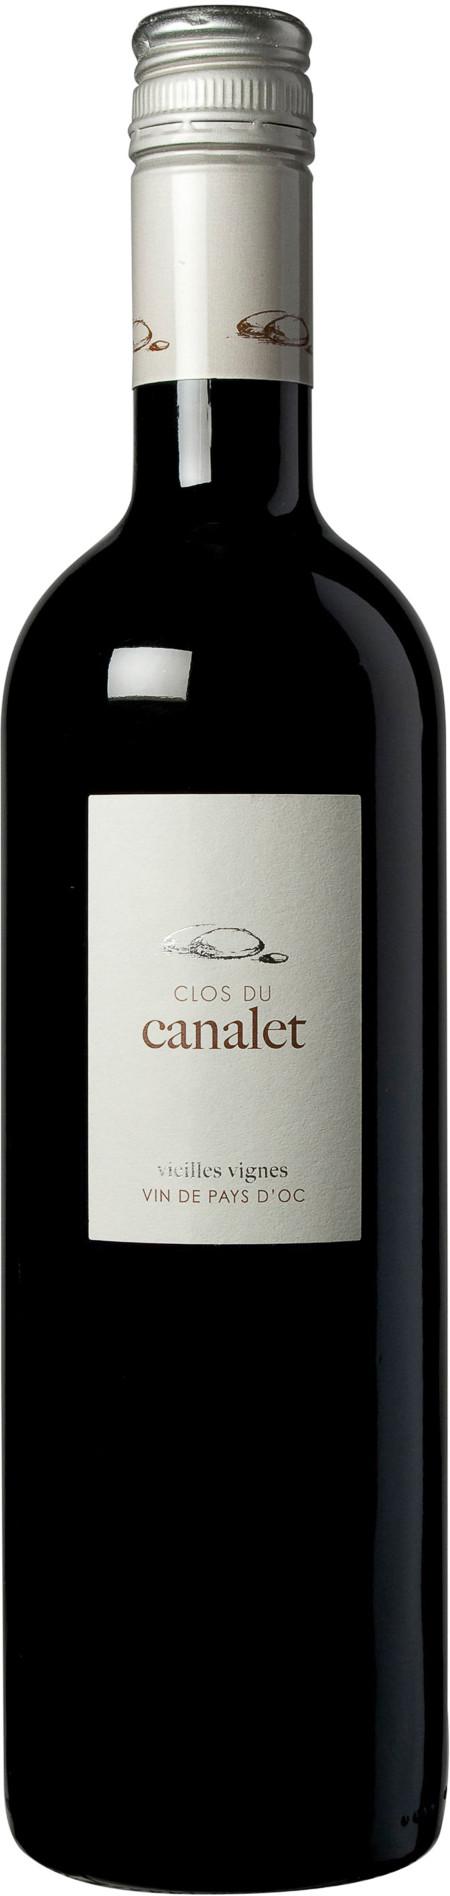 Calmel & Joseph- Clos du Canalet Rouge, Vieille Grange